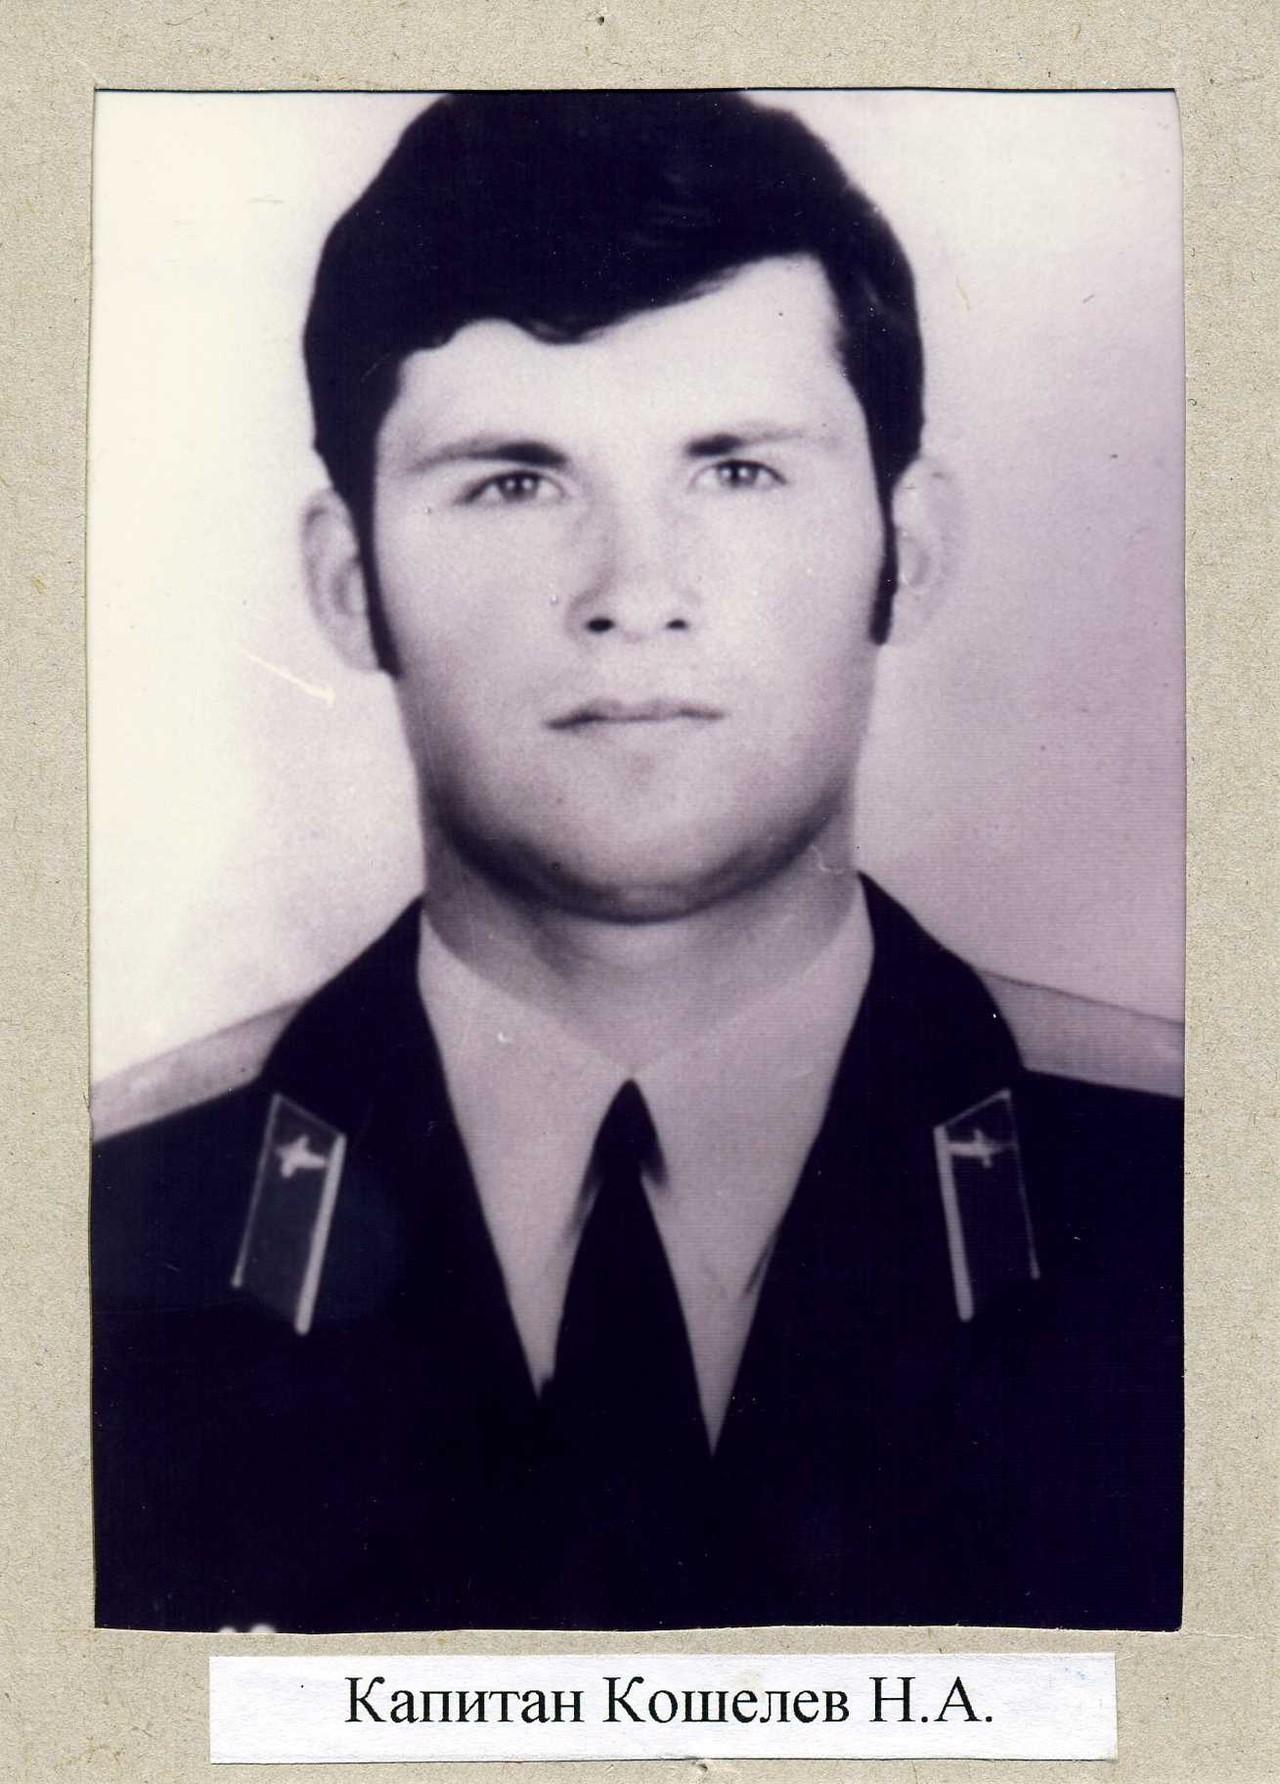 Кошелев Николай Алексеевич